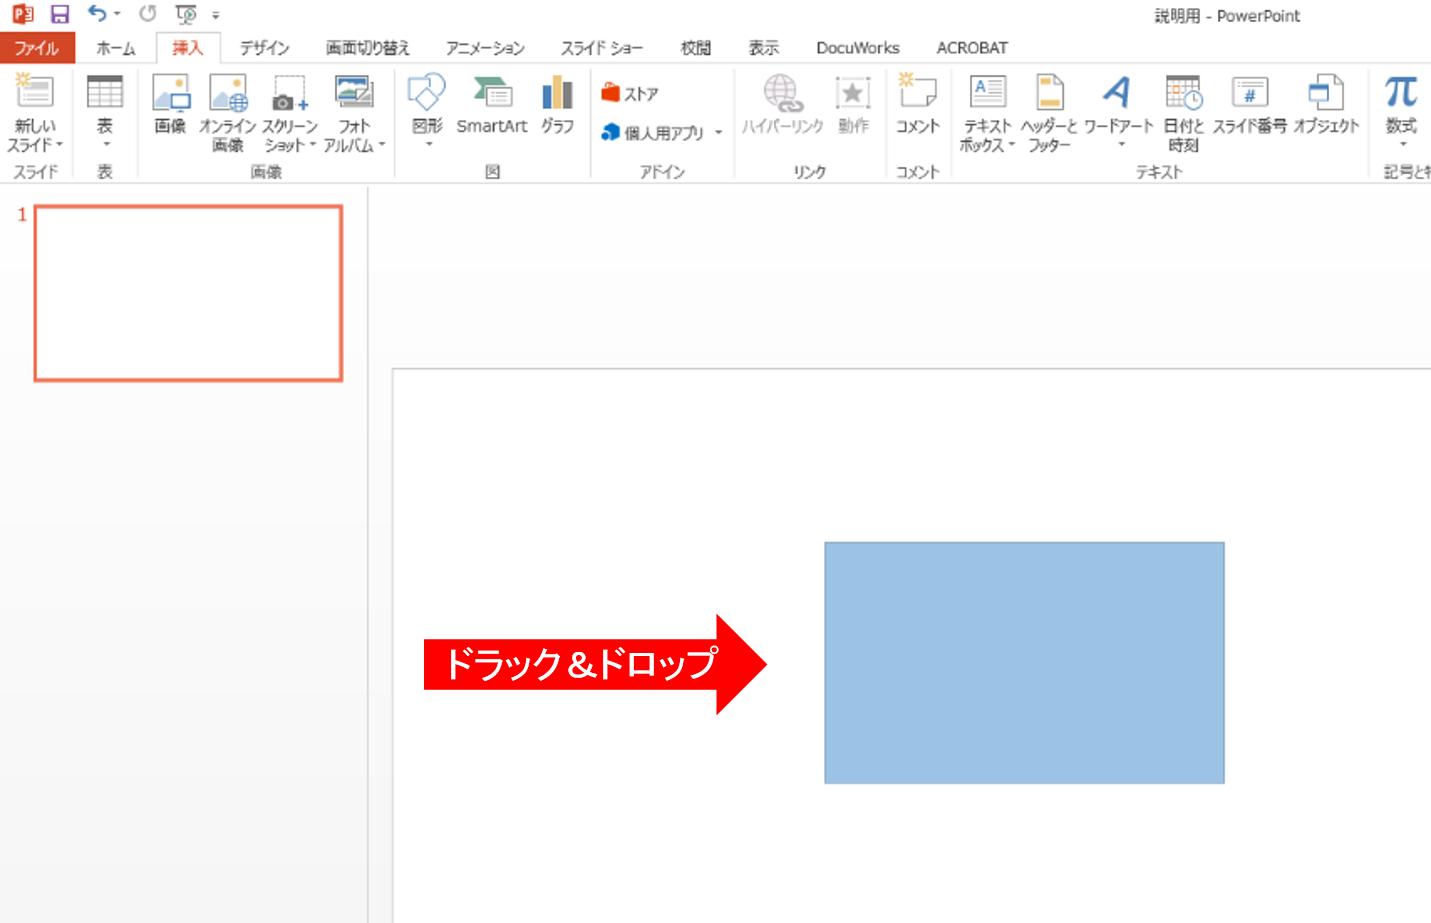 デスクトップ整理用のシンプルおしゃれな壁紙をpowerpointで自作したのでやり方を紹介します